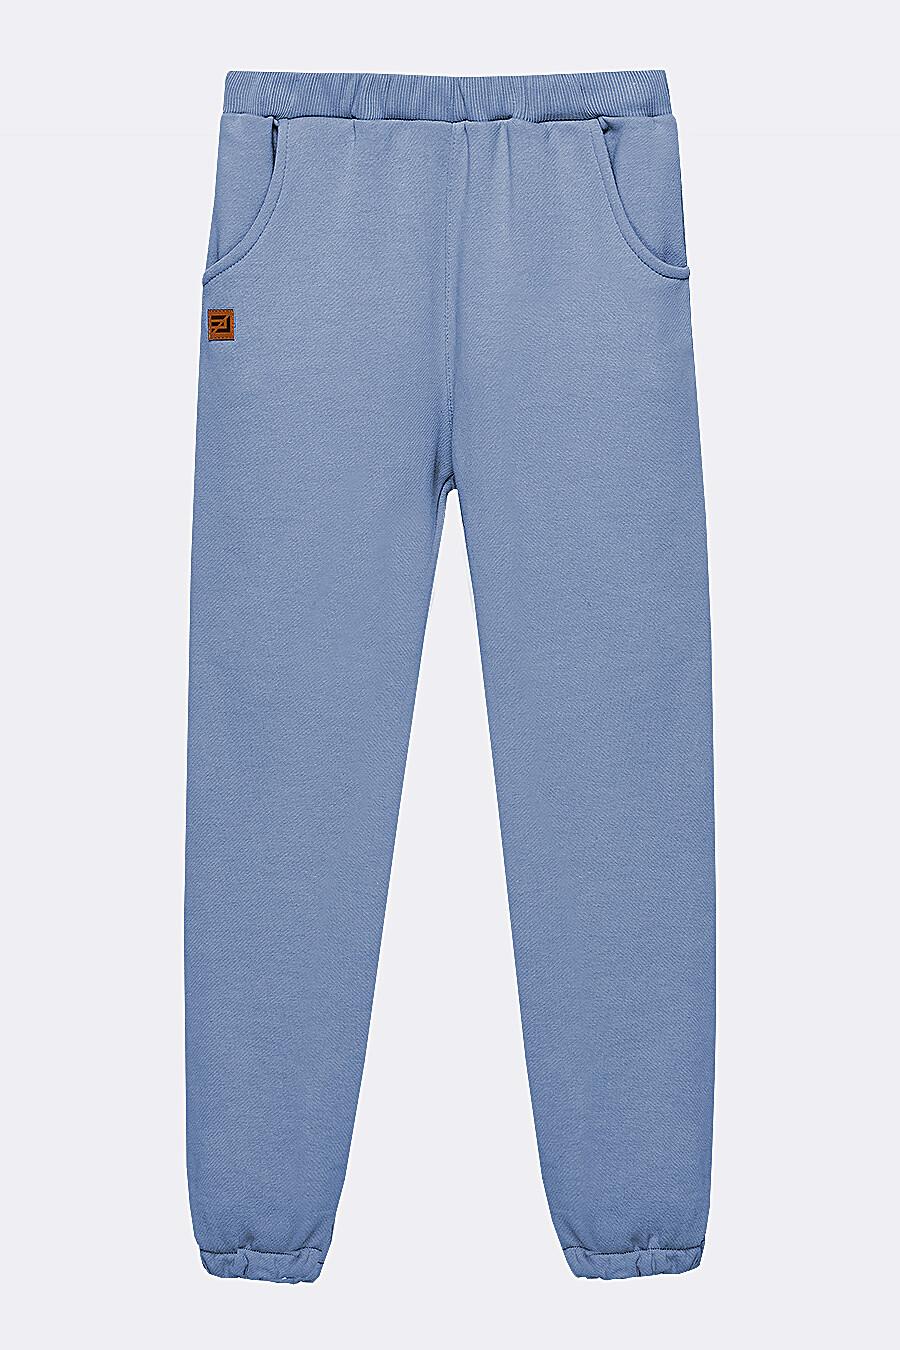 Костюм(Худи+Брюки) для девочек EZANNA 682529 купить оптом от производителя. Совместная покупка детской одежды в OptMoyo